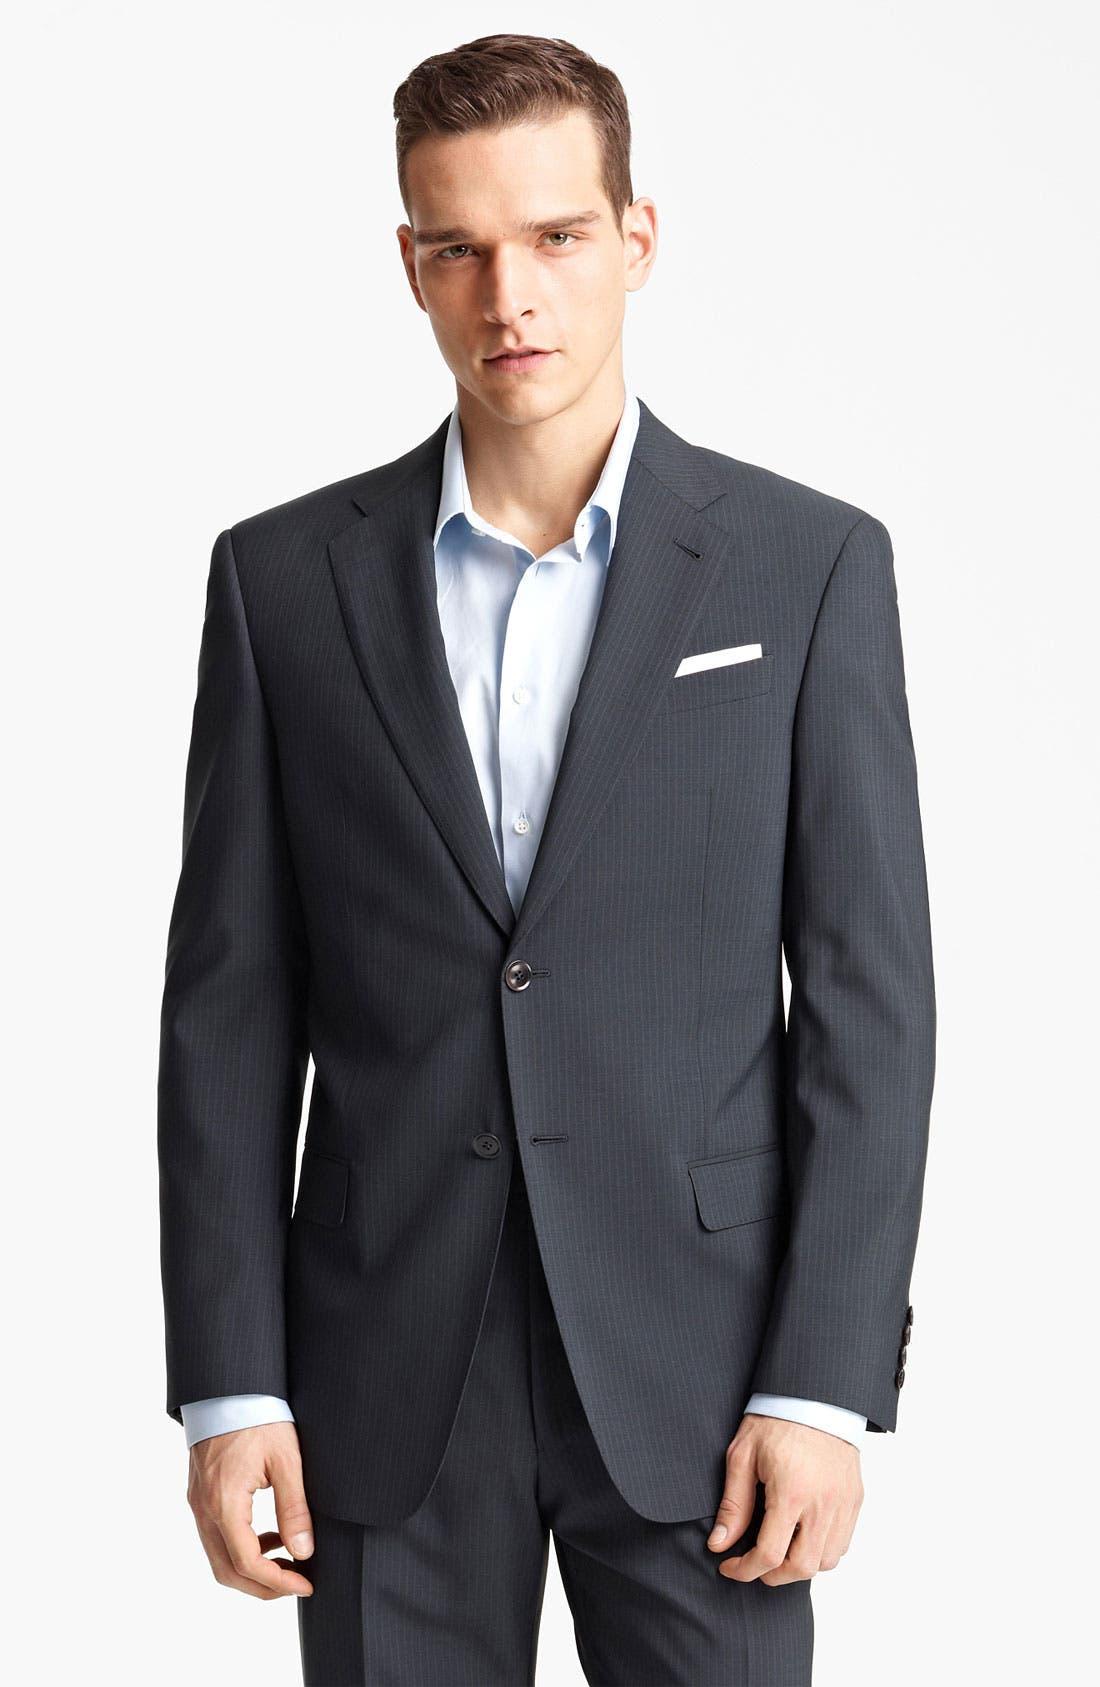 Main Image - Armani Collezioni 'Giorgio' Pinstripe Suit